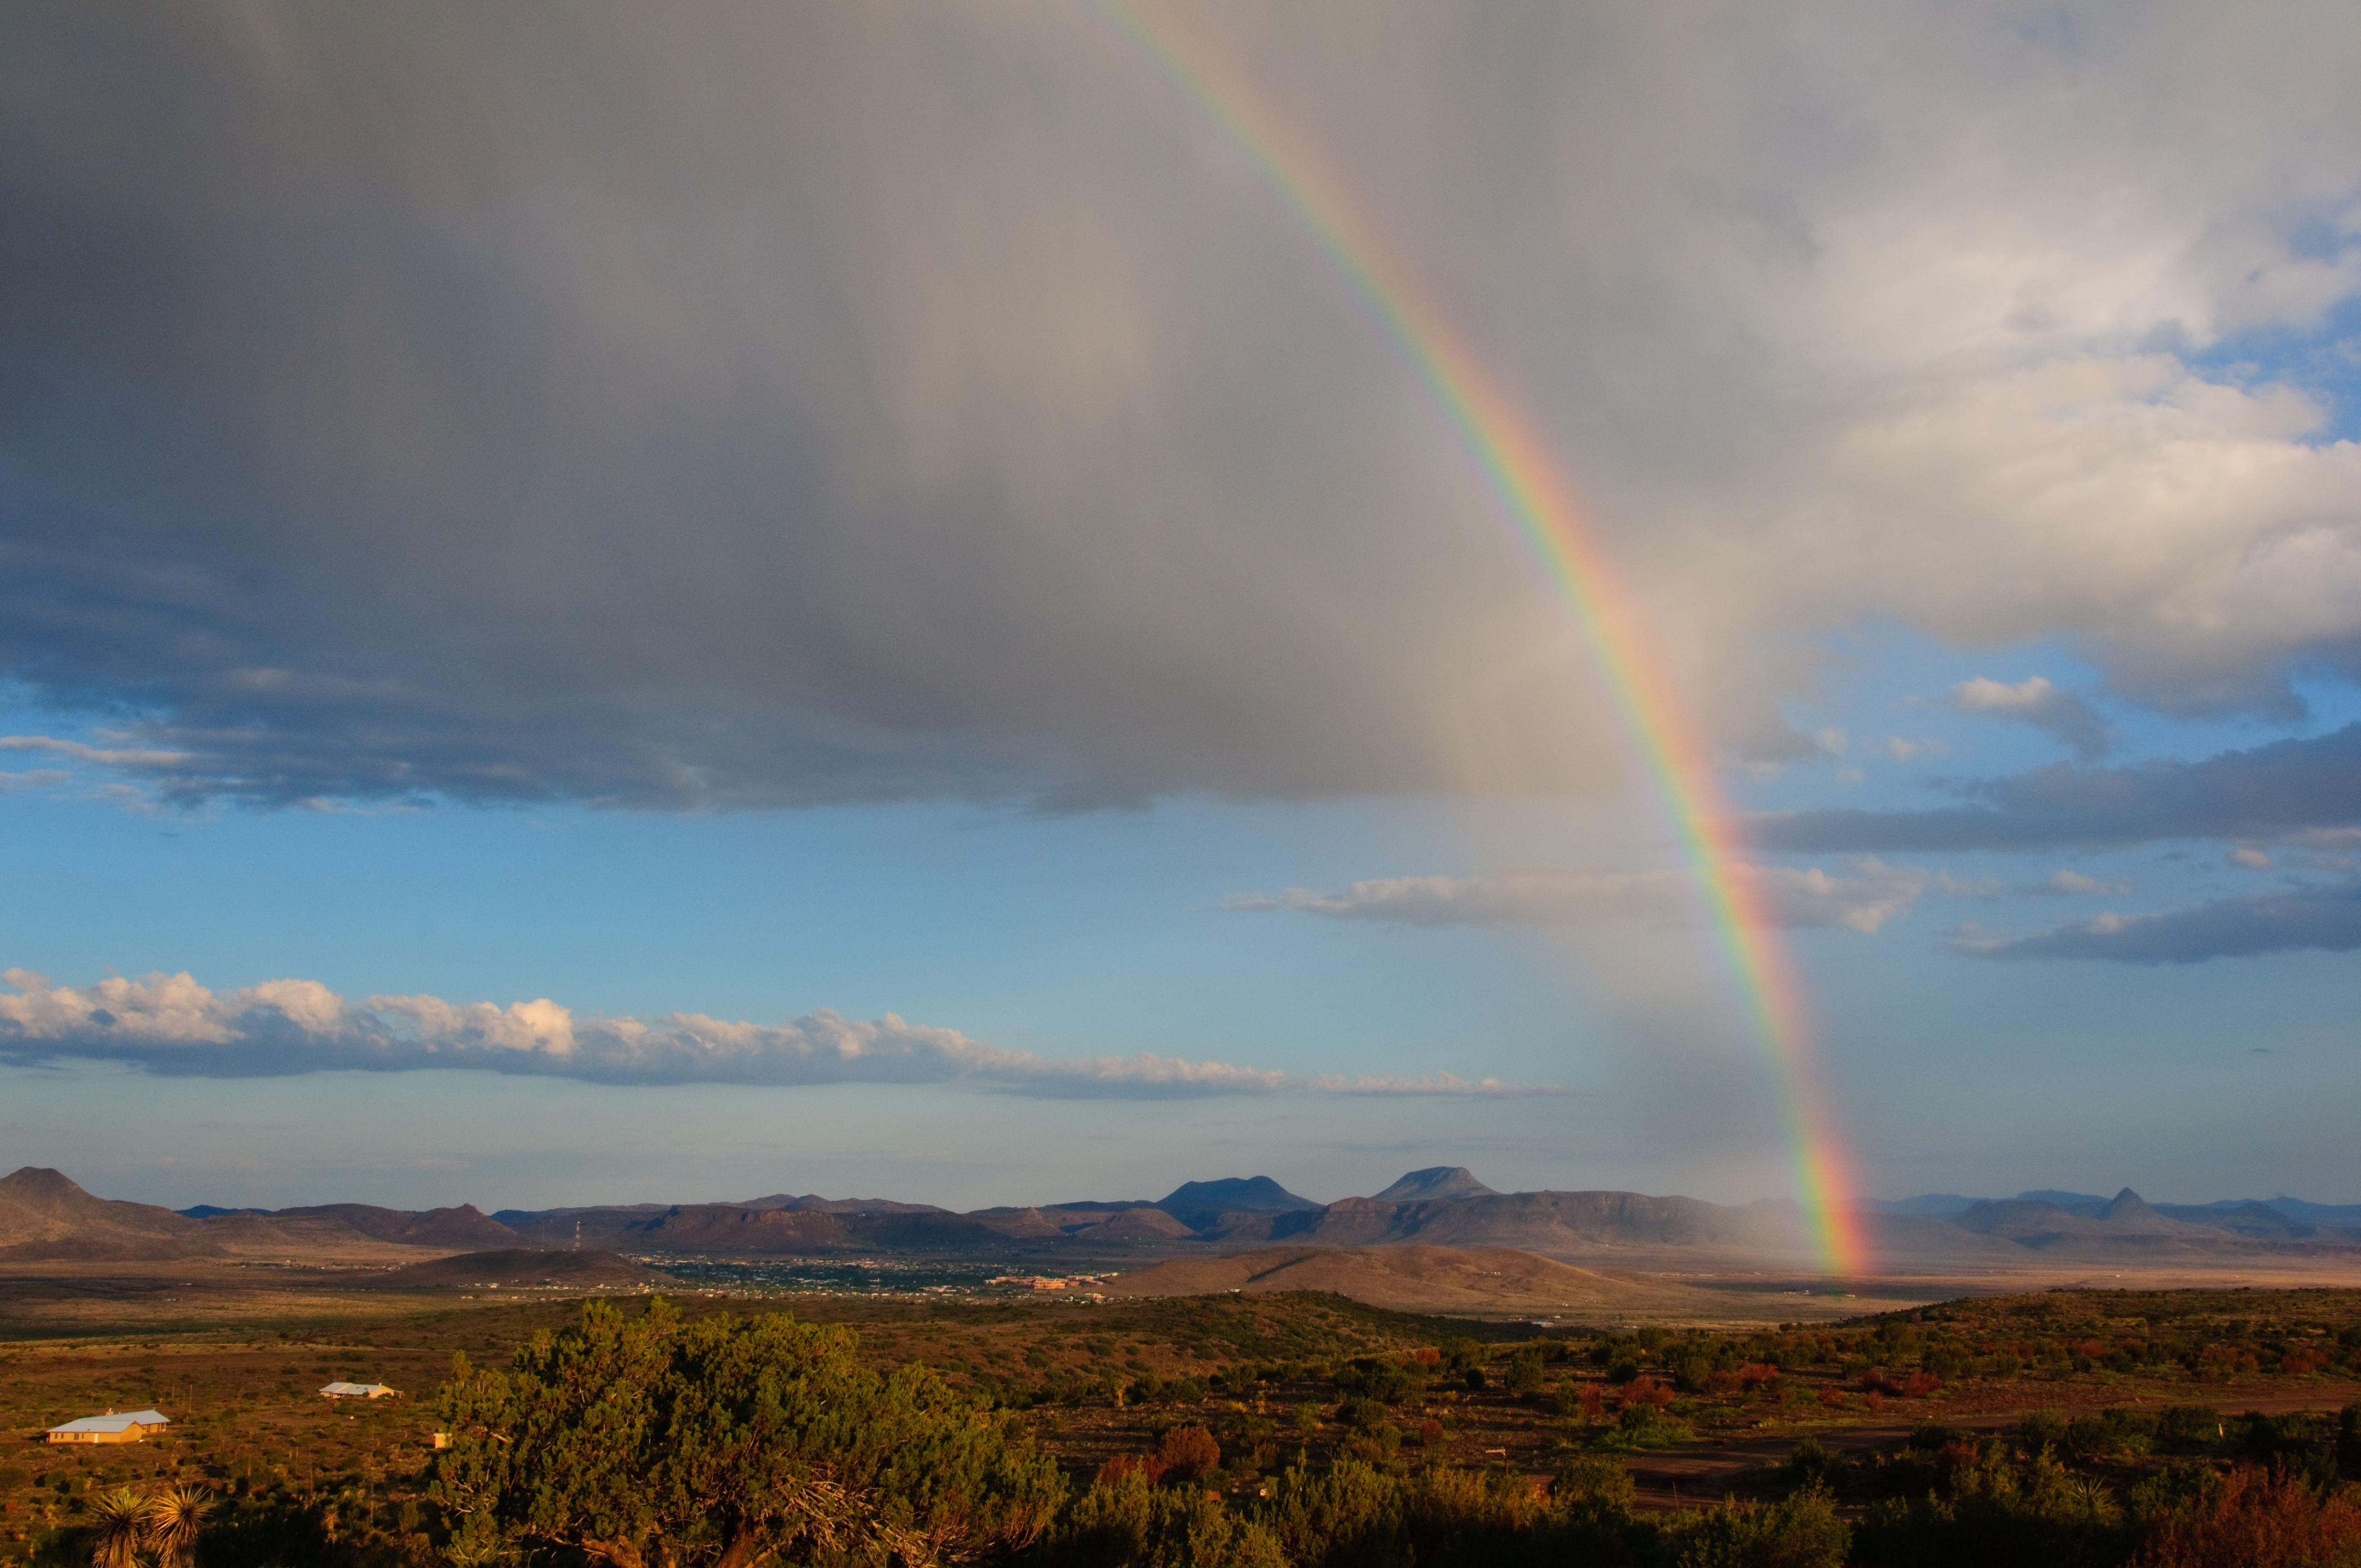 https://0201.nccdn.net/1_2/000/000/145/9a1/rainbowweb.jpg